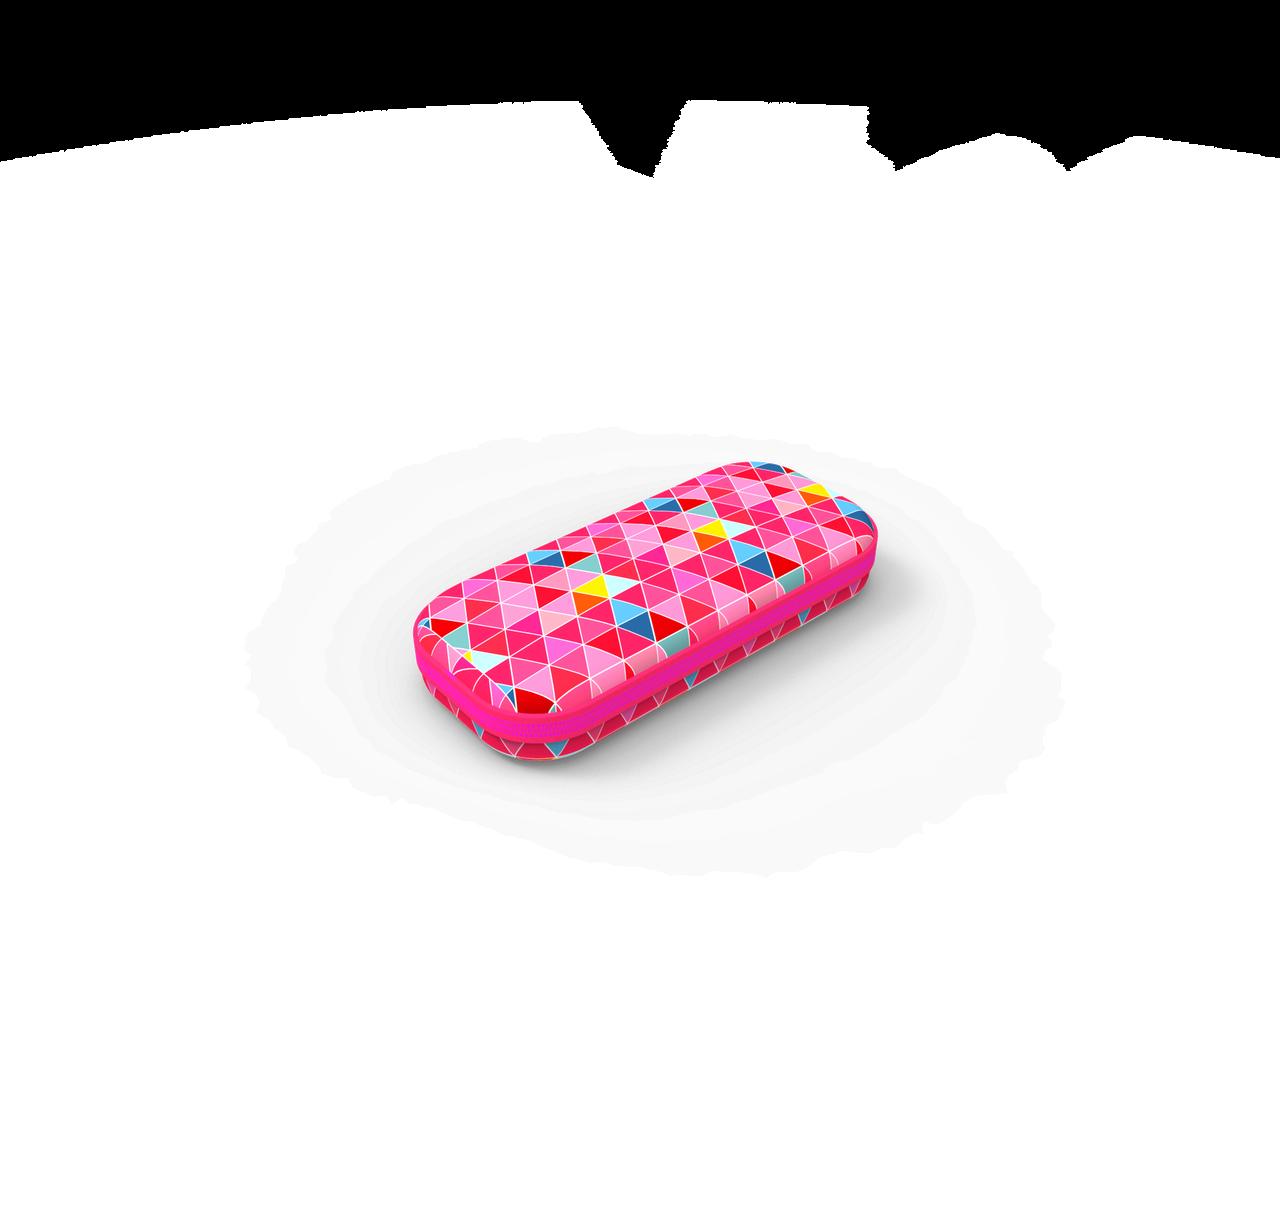 Пенал ZIPIT COLORZ BOX, цвет PINK (розовый)